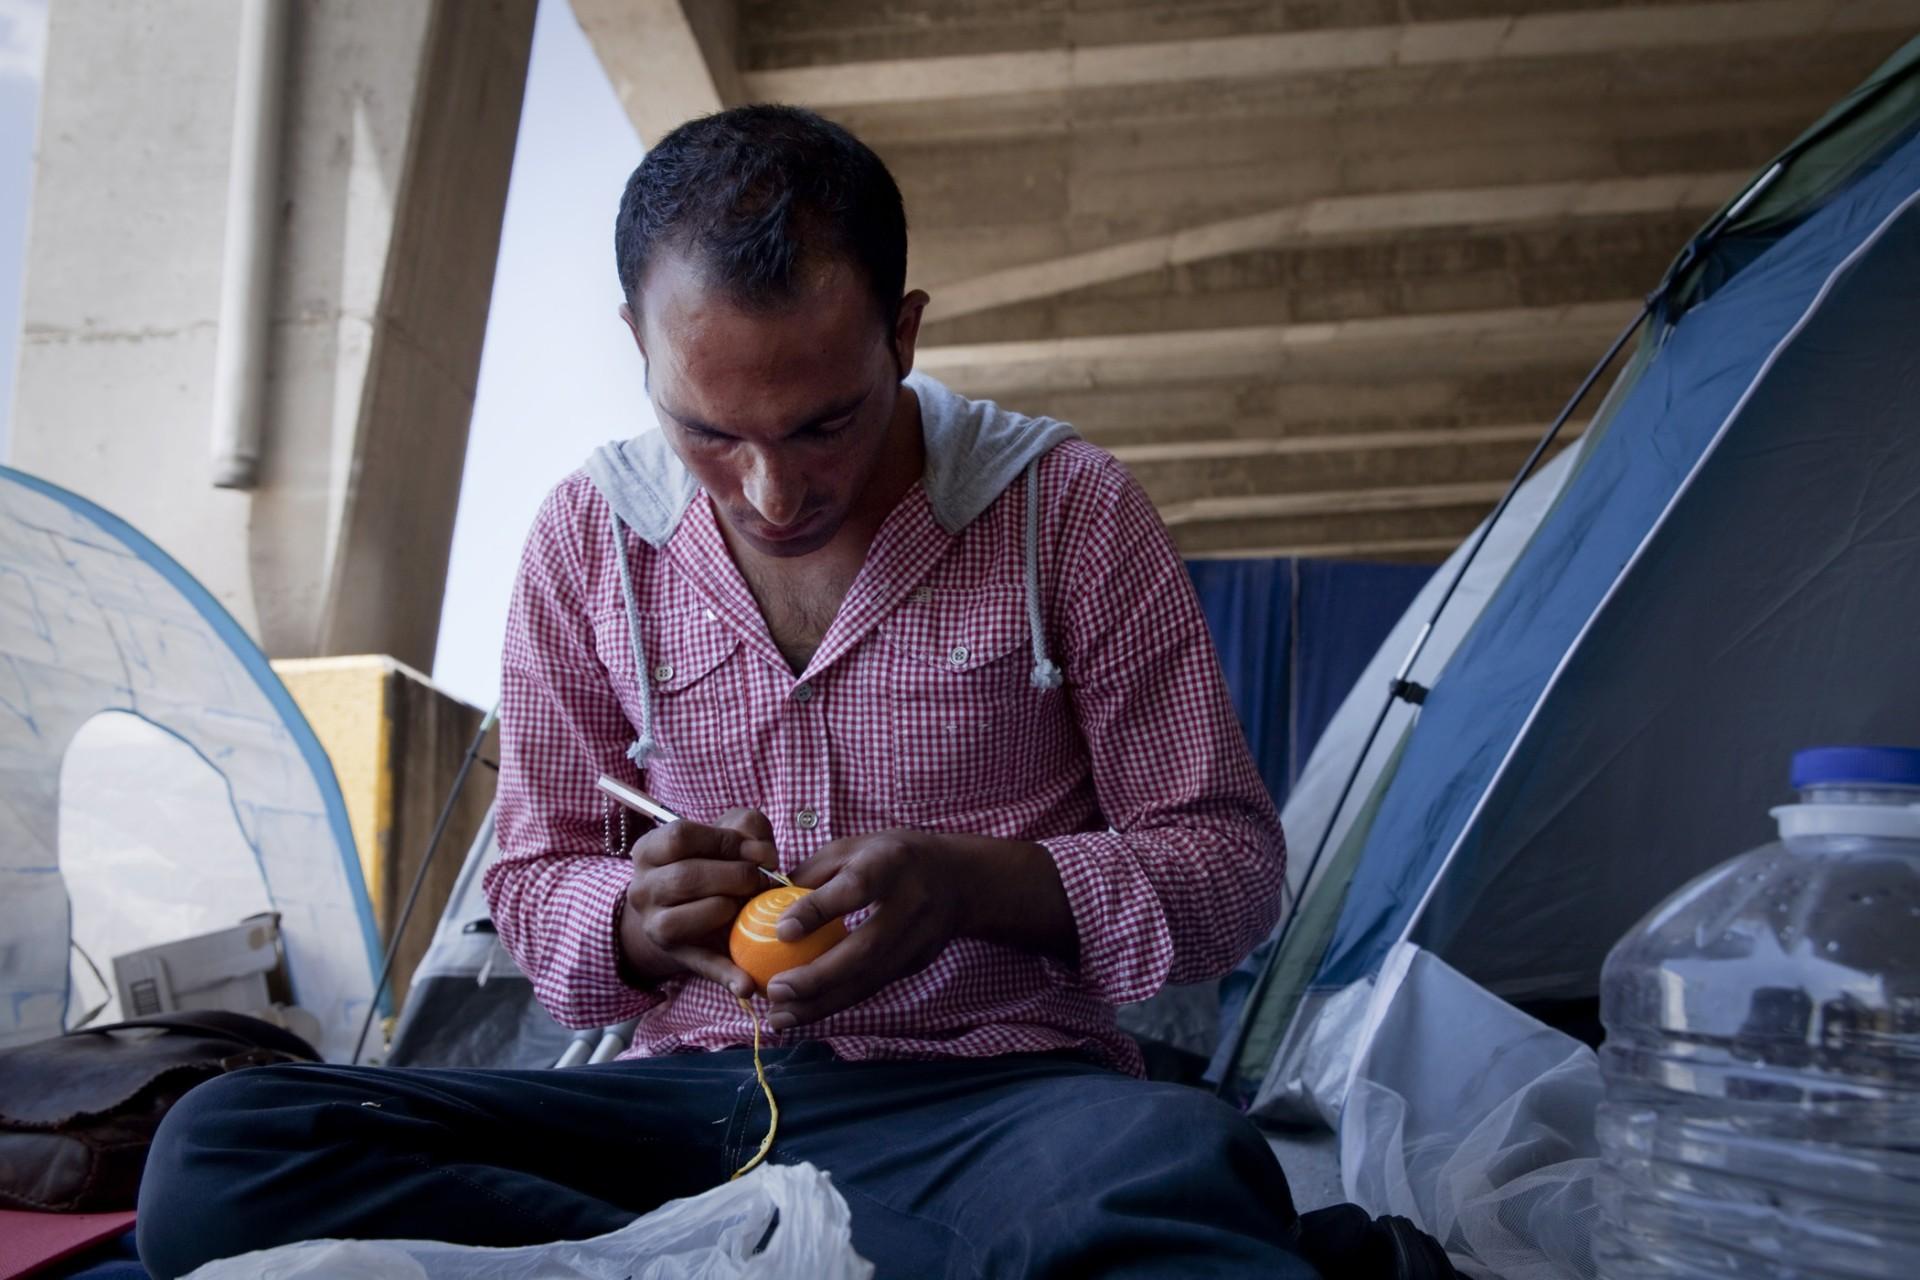 Raouf est Pakistanais, il espère obtenir une « white card », sésame pour rester en Grèce. Il est très apprécié des bénévoles à qui il offre des oranges gravées à leur prénom.